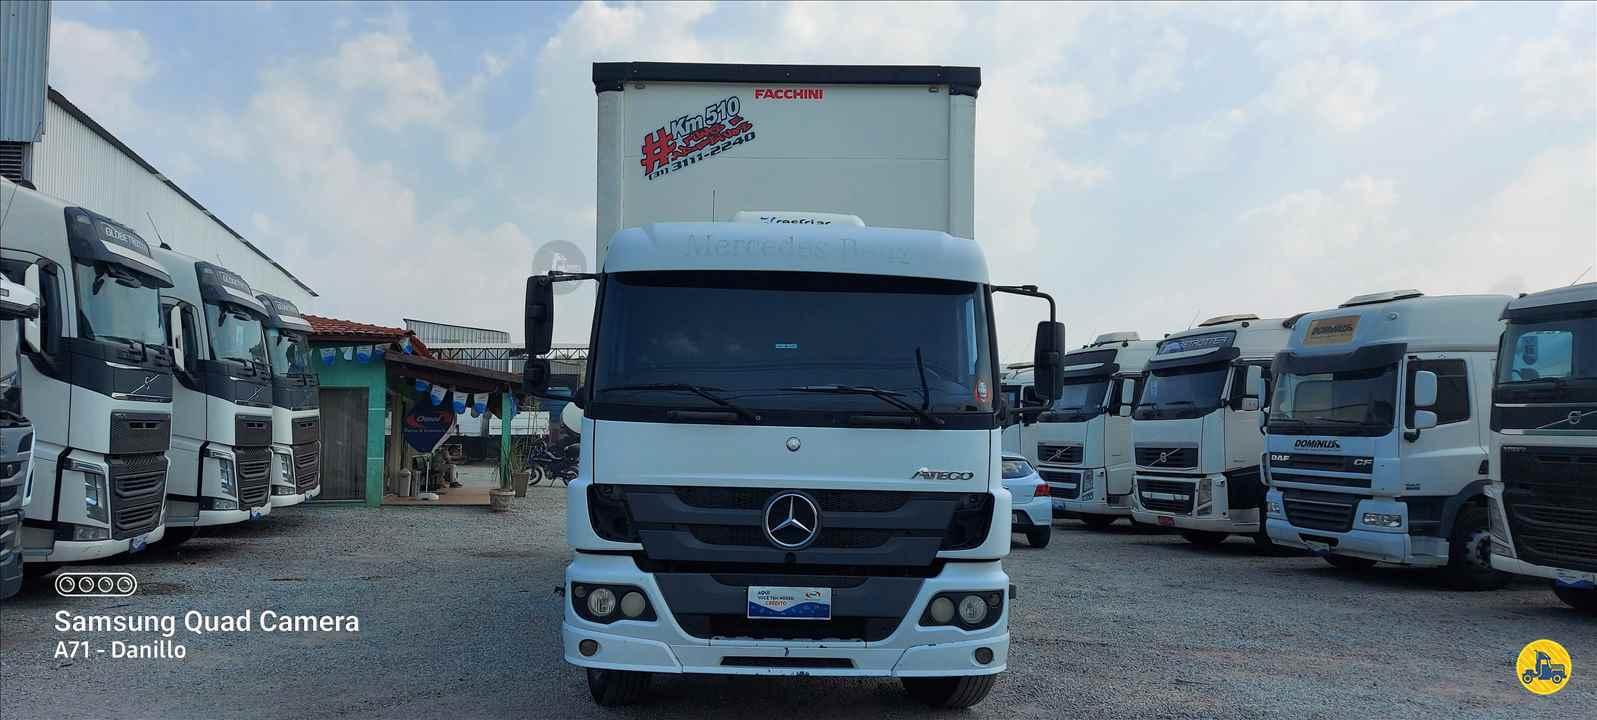 CAMINHAO MERCEDES-BENZ MB 2426 Baú Sider Truck 6x2 13 de Maio Caminhões BETIM MINAS GERAIS MG